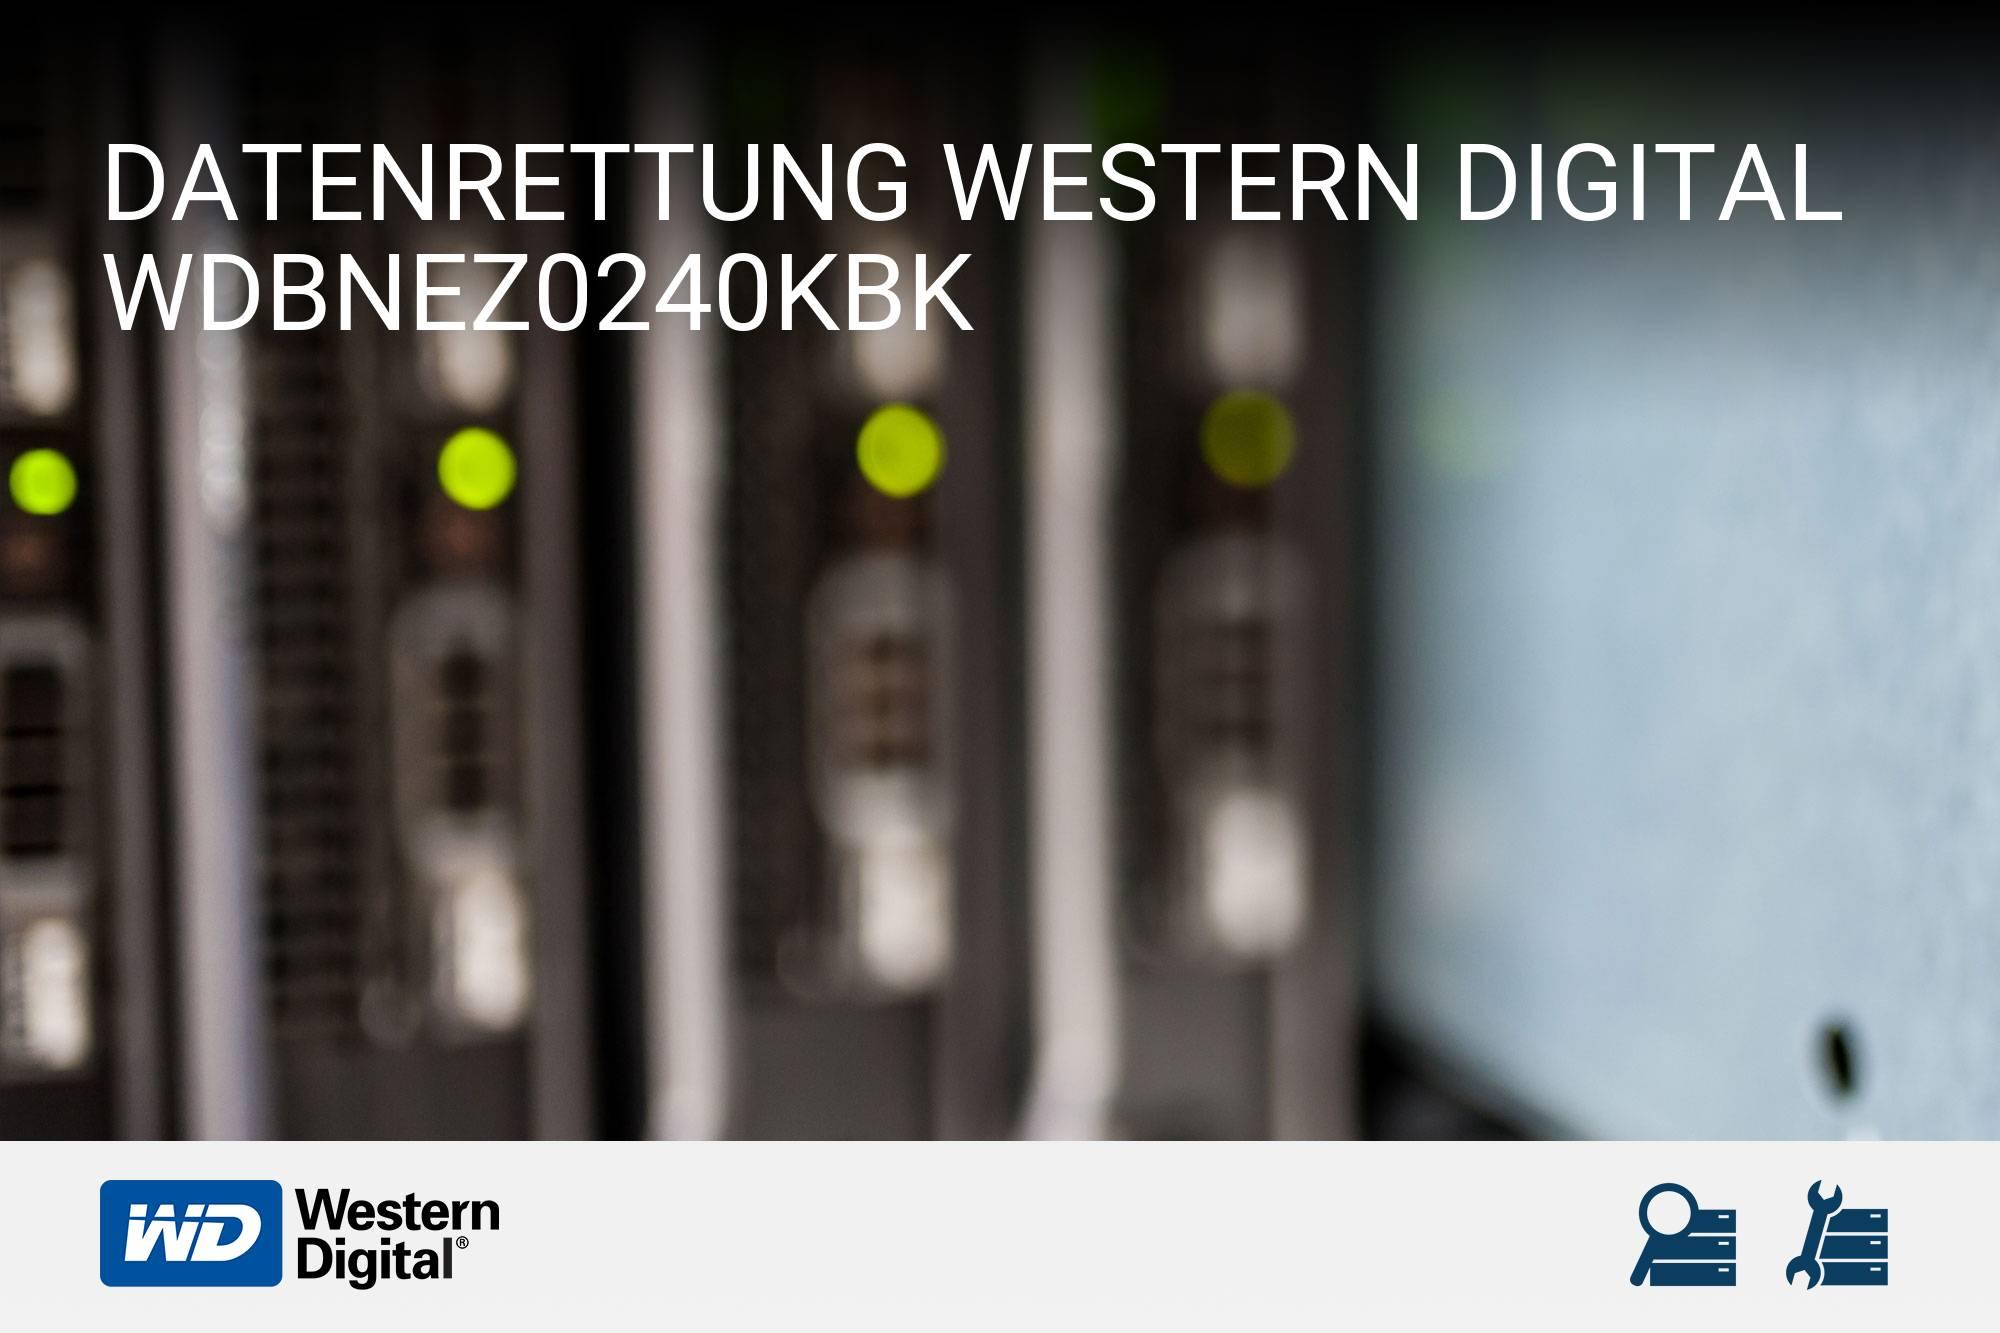 Western Digital WDBNEZ0240KBK